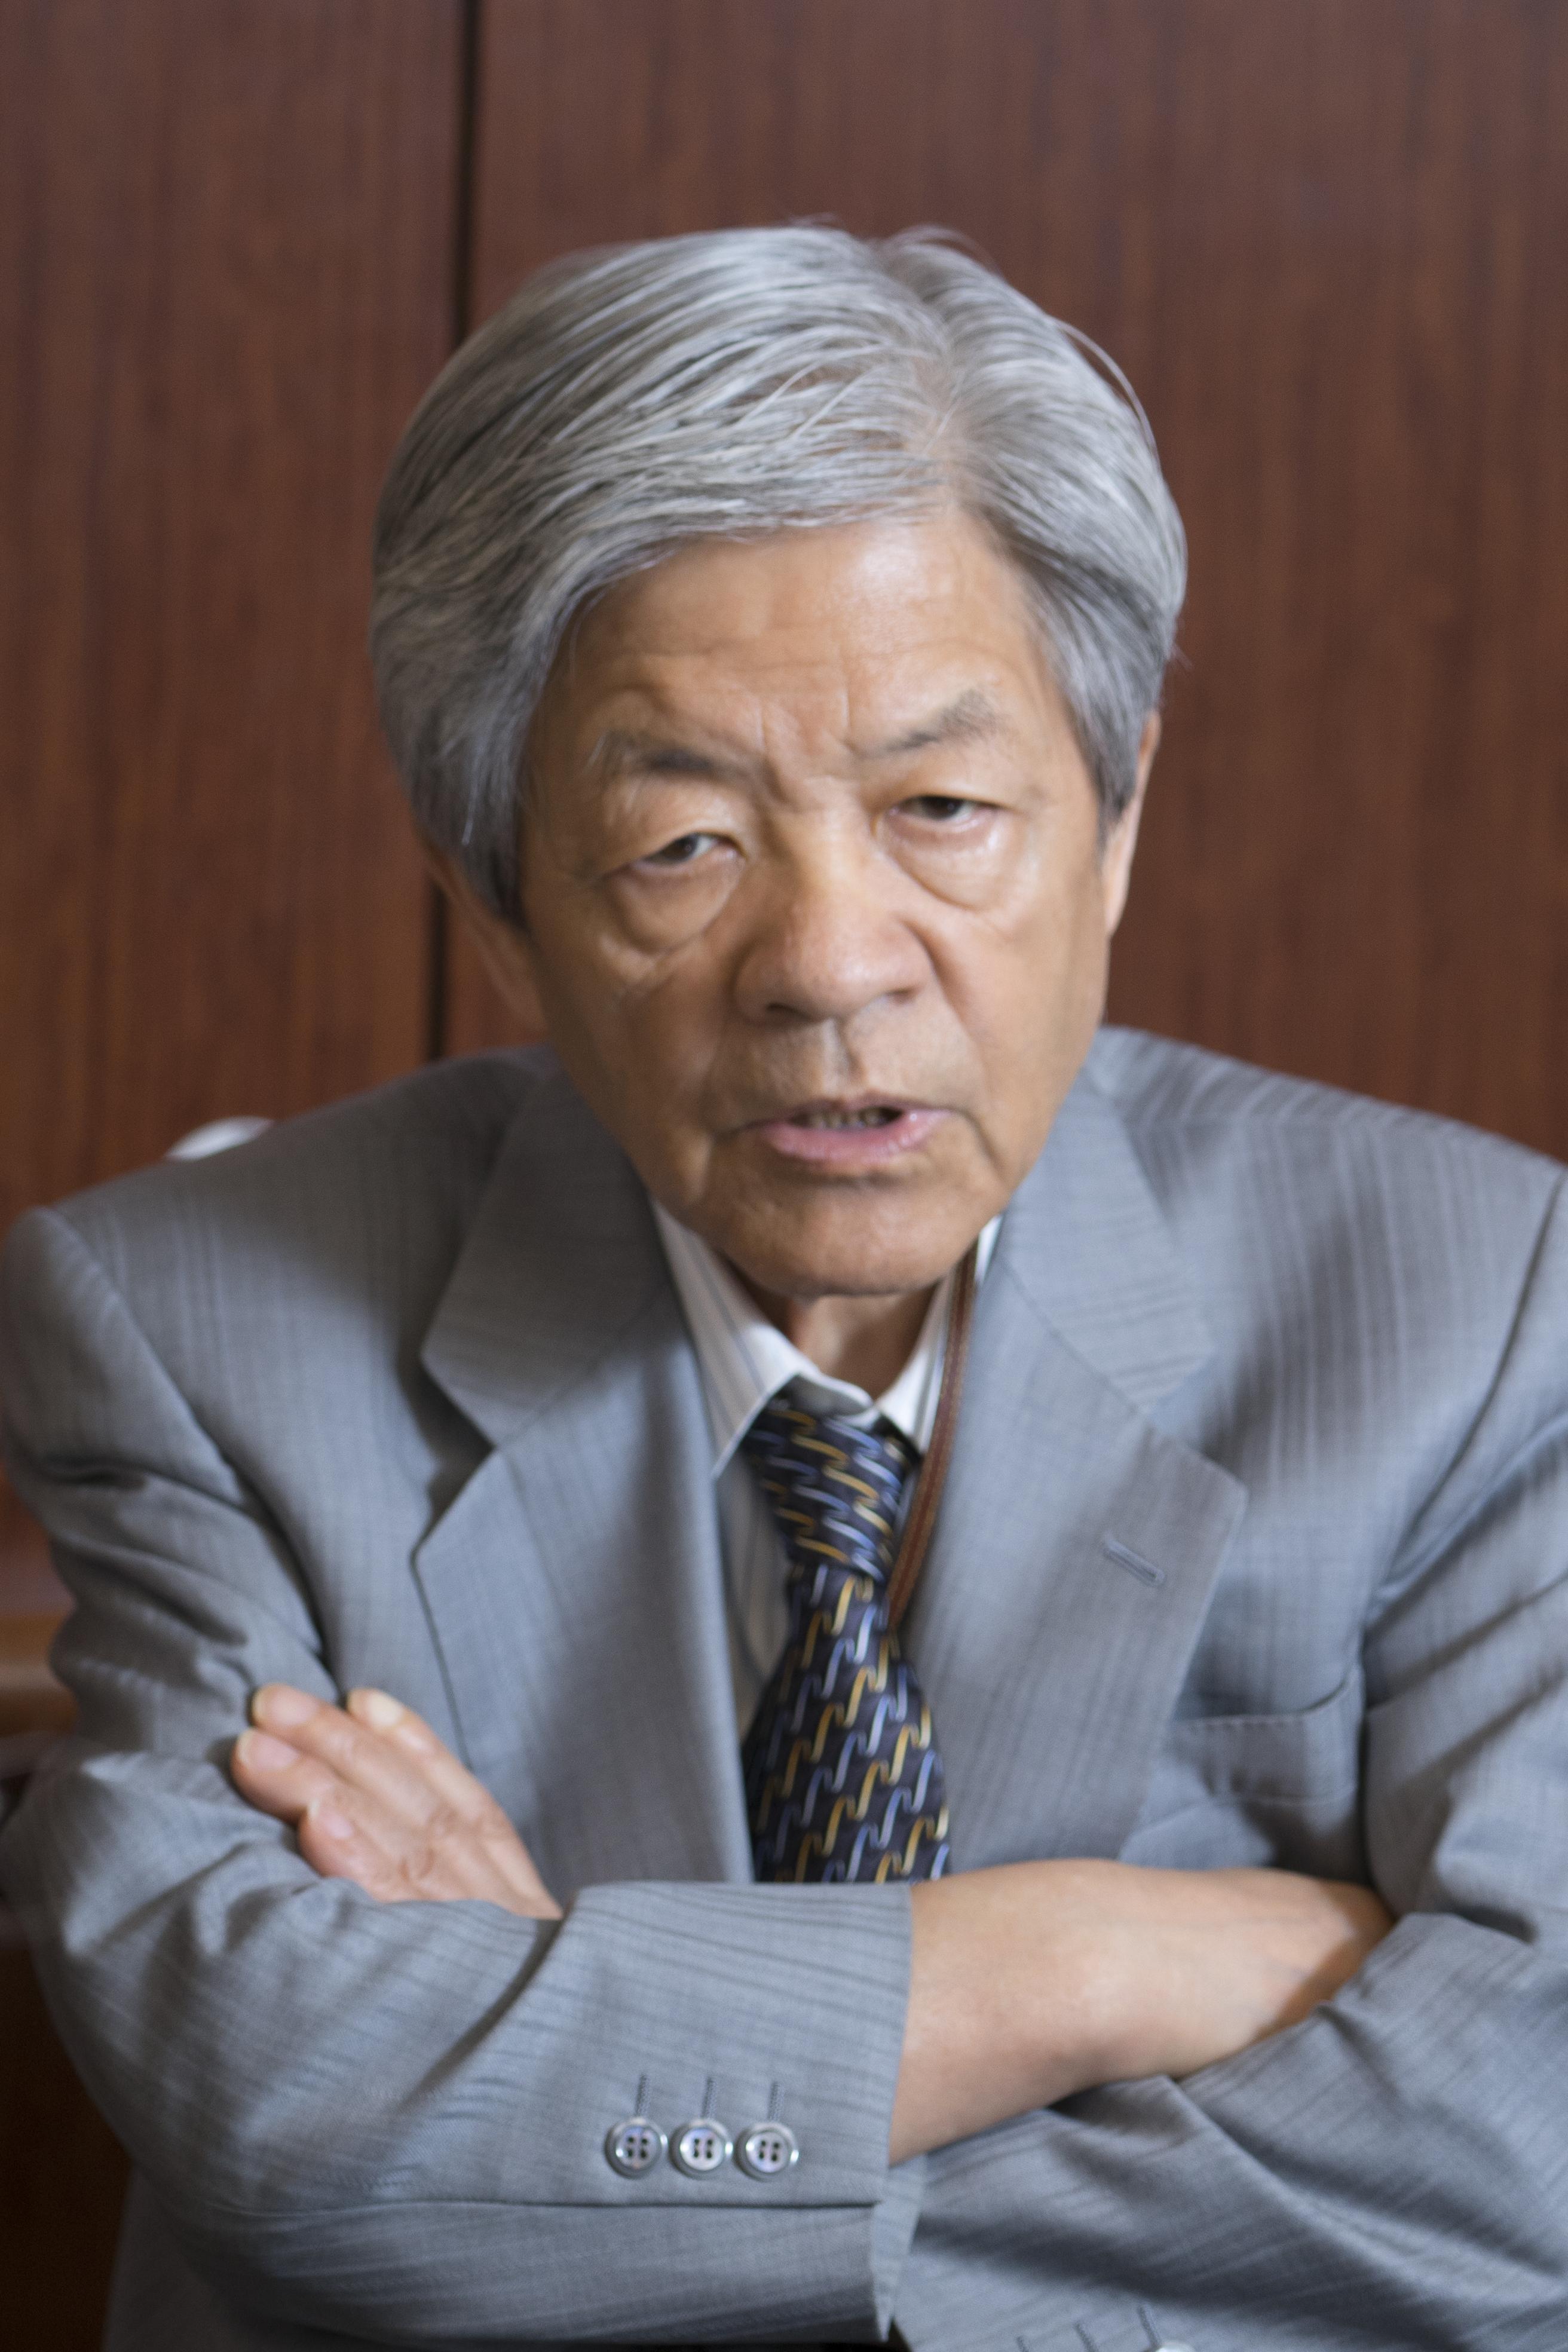 田原総一朗「参議院選挙で改憲政党が3分の2以上の議席を獲得したという人がいる。だけど、僕はそれも正確ではないと思っている」